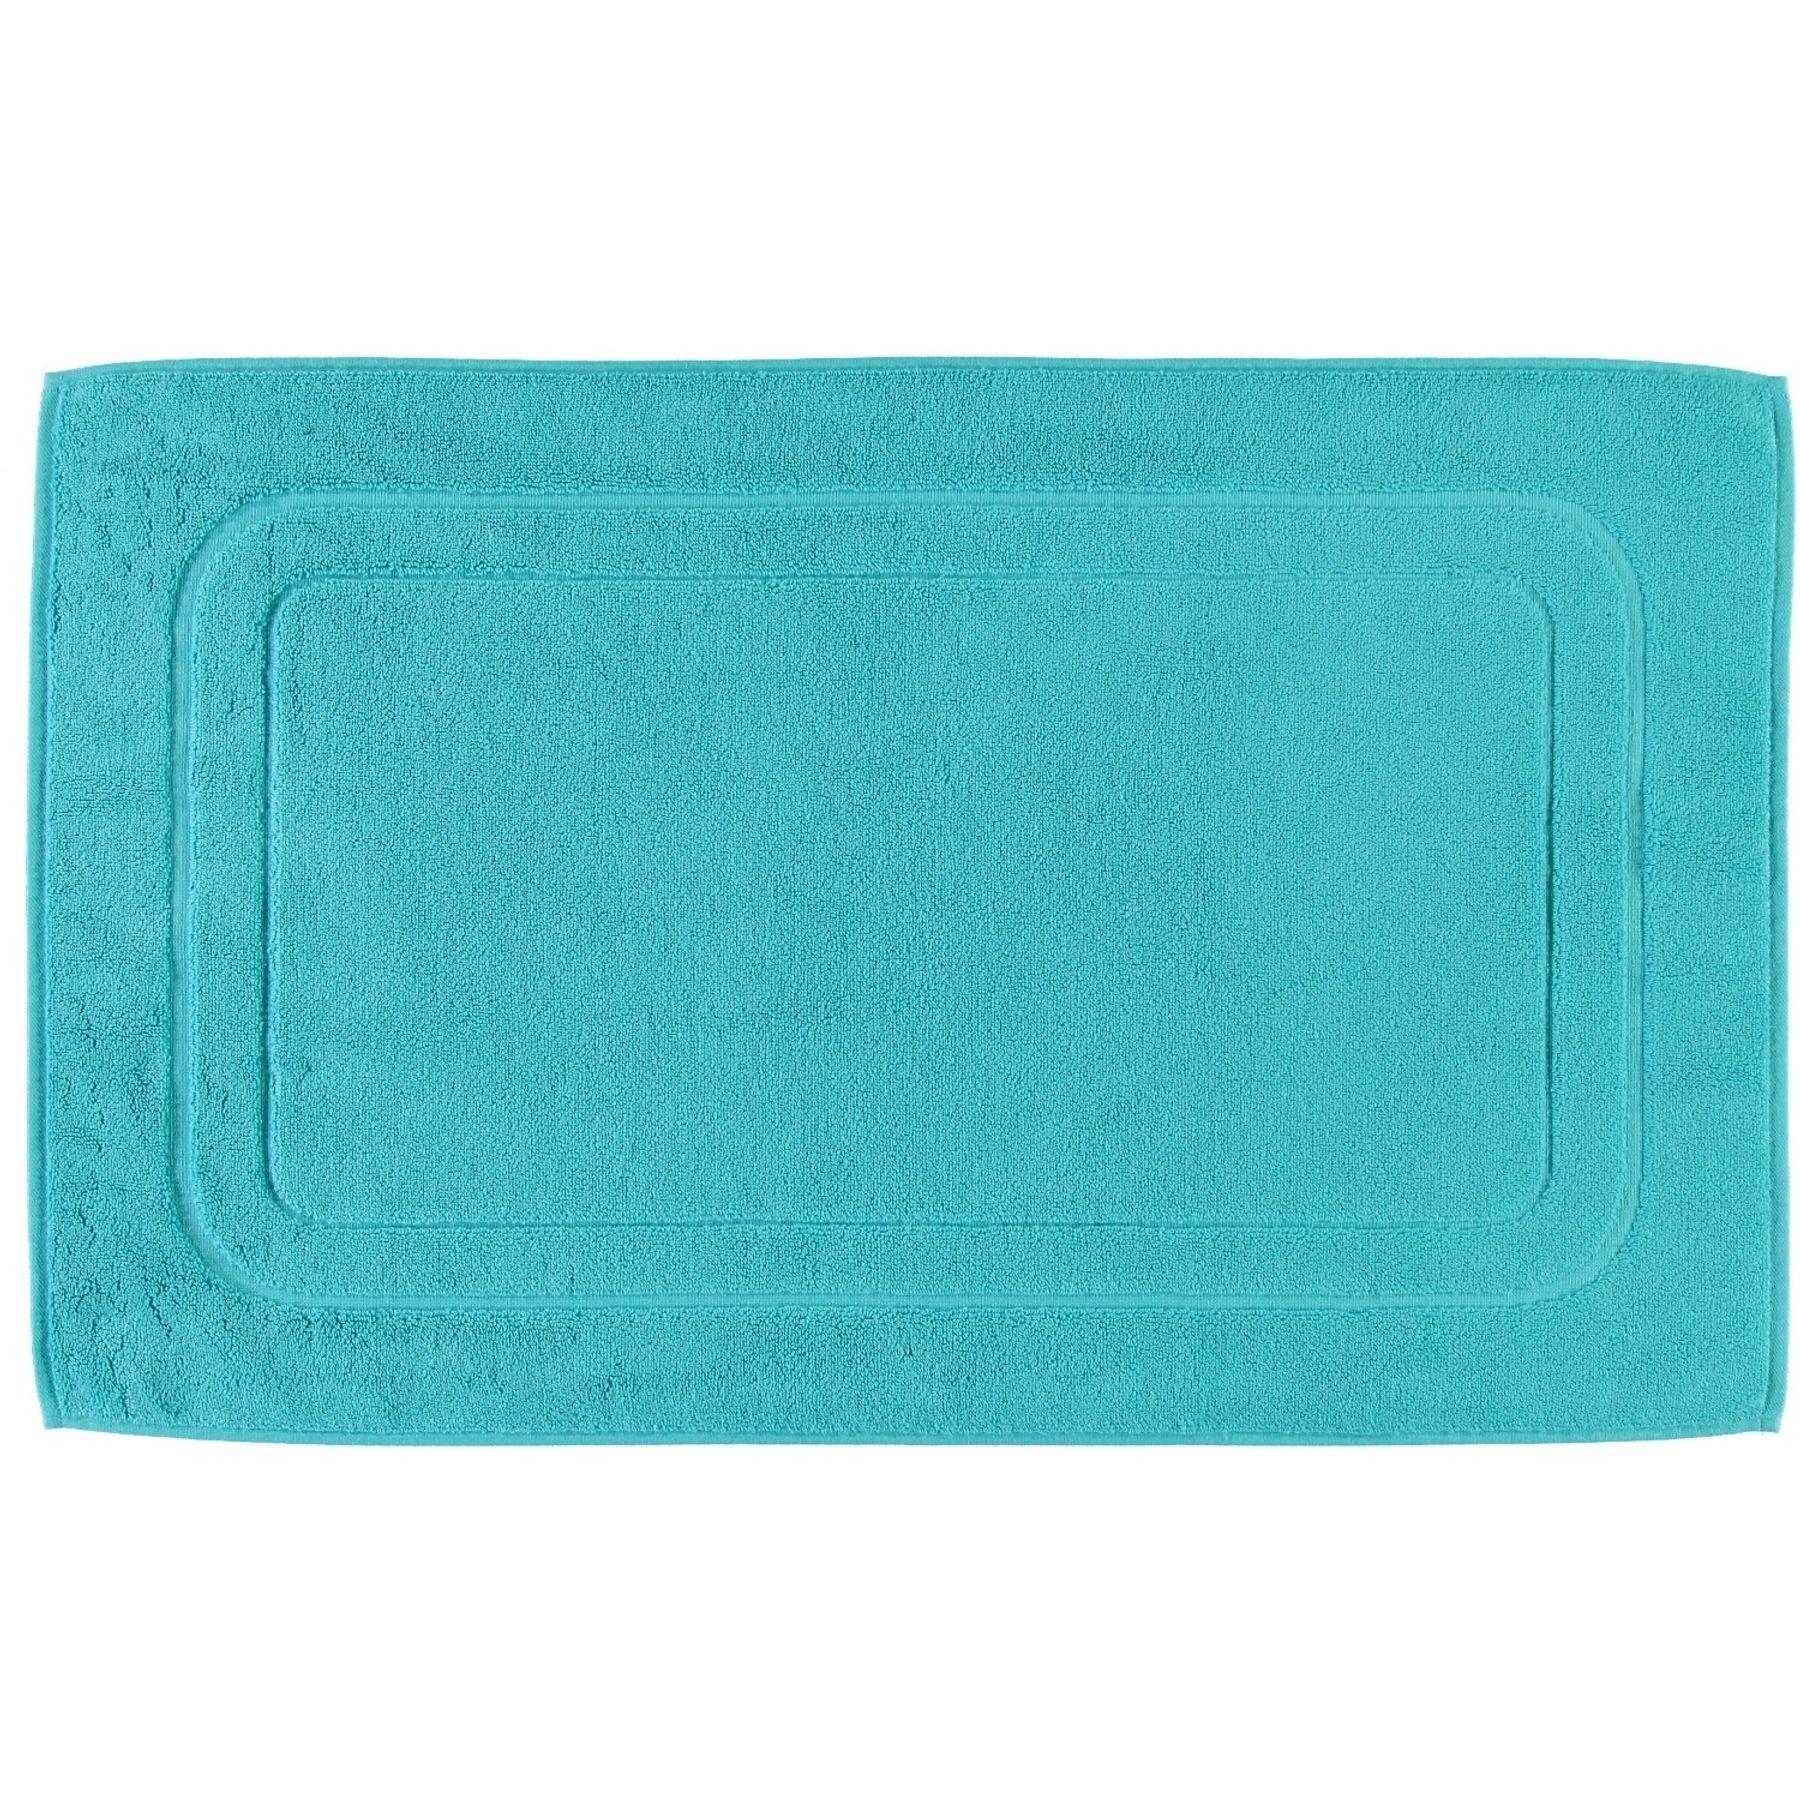 Cawö - Badteppich in verschiedenen Farben (Größe: 50x80 cm) (200) – Bild 14